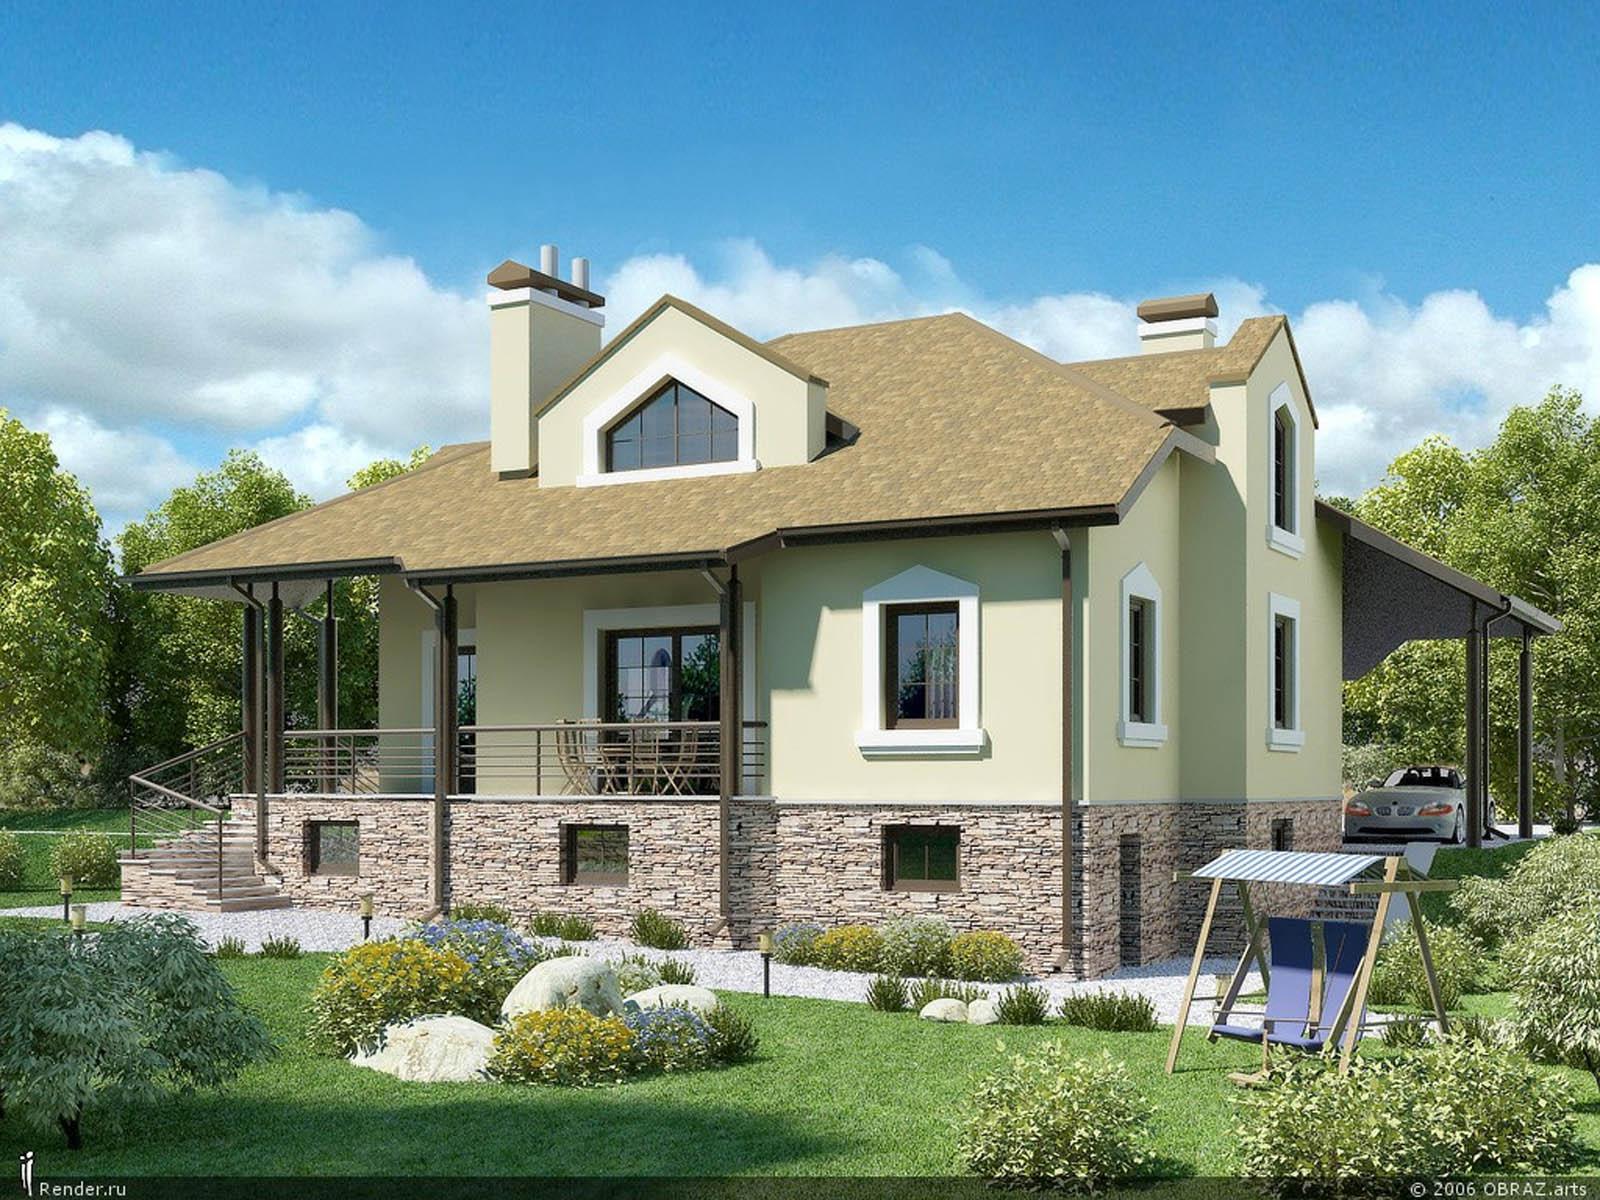 Дизайн частного дома с высоким фундаментом